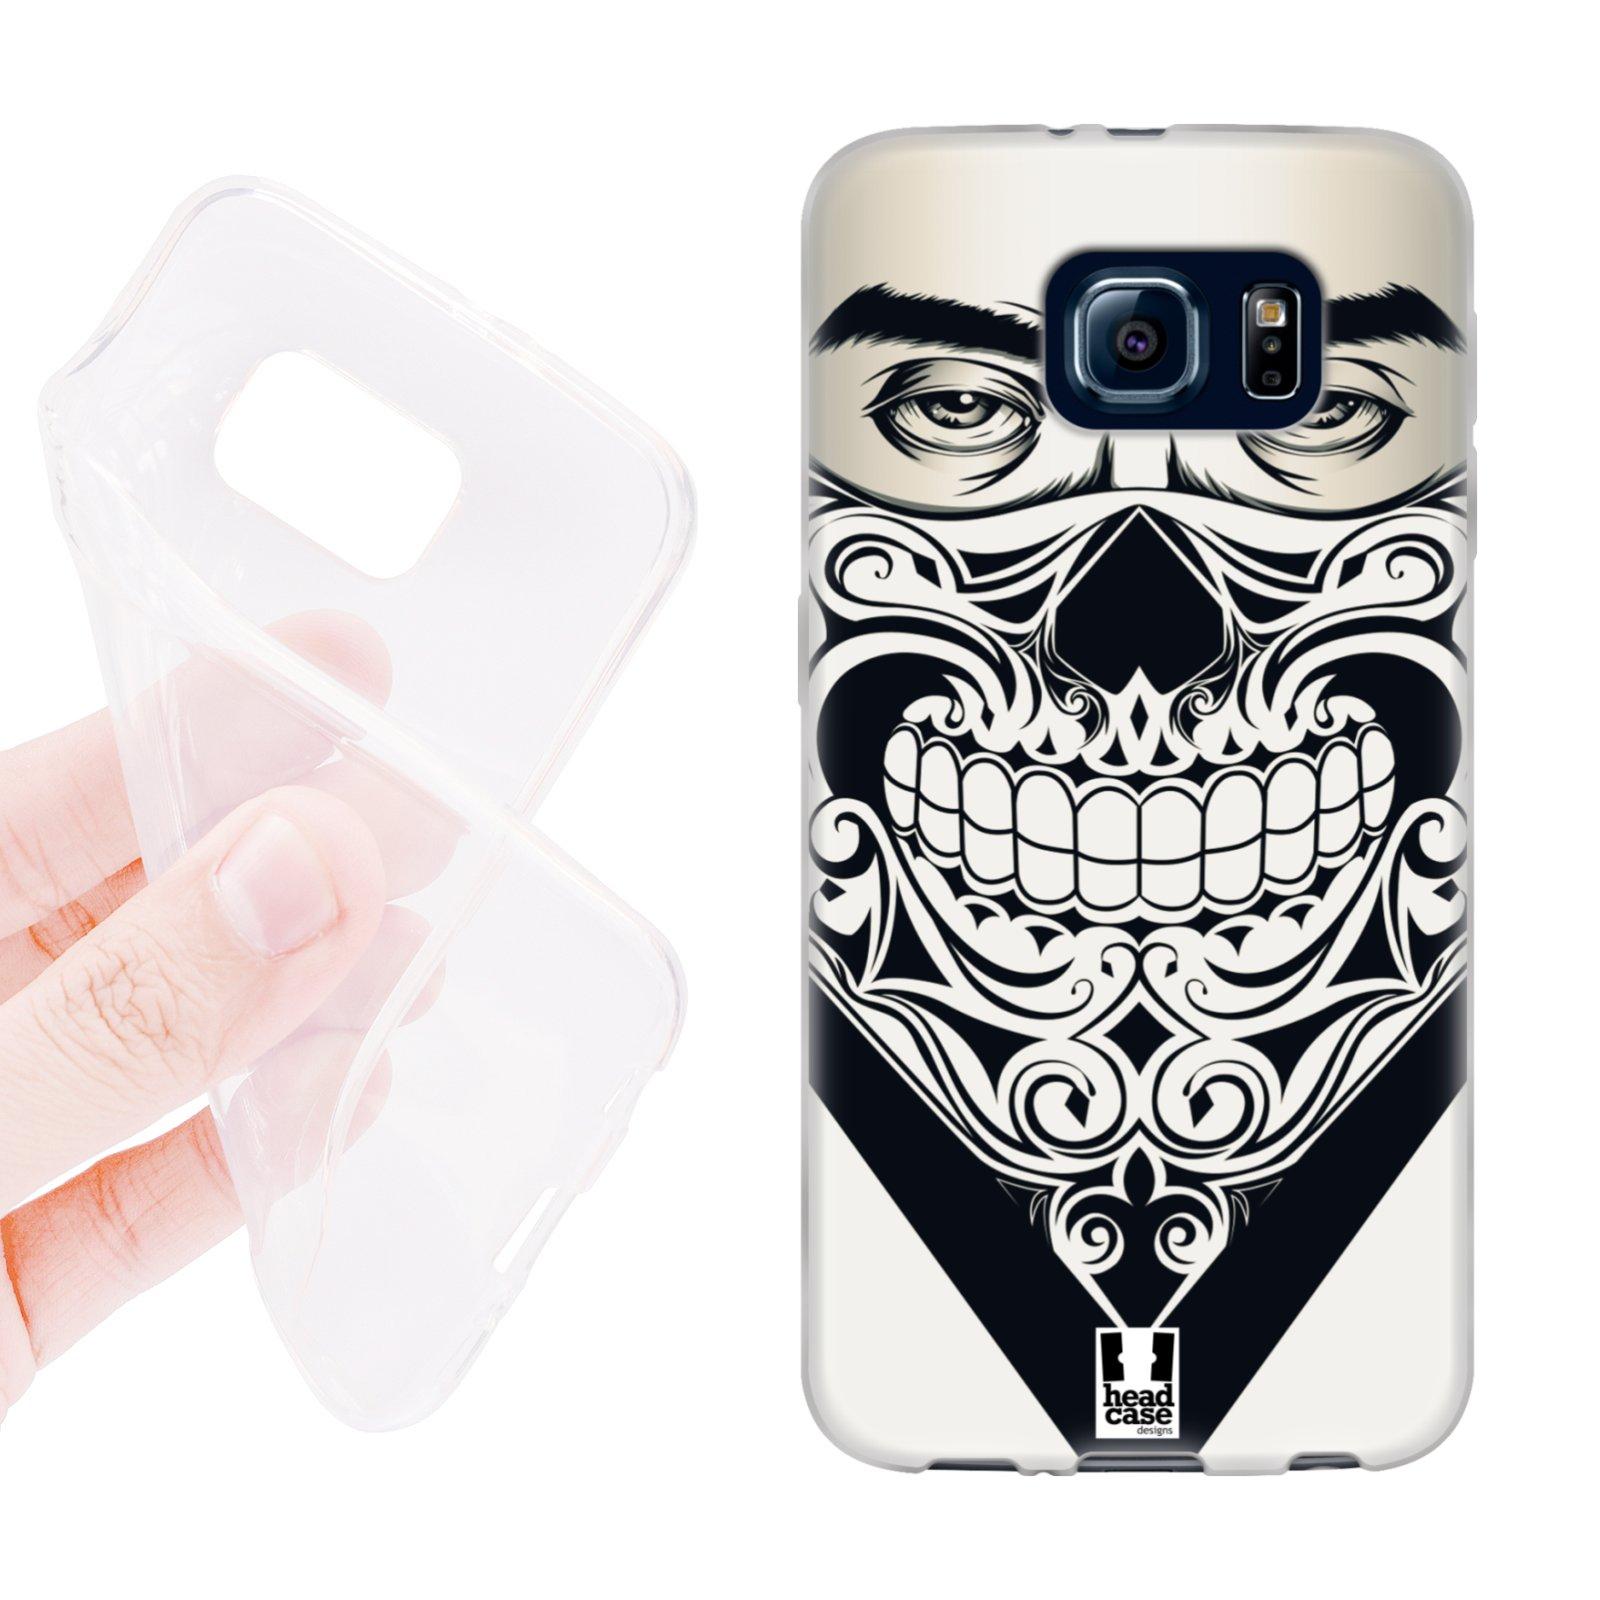 HEAD CASE silikonový obal na mobil Samsung galaxy S6 šátek smrtící pohled